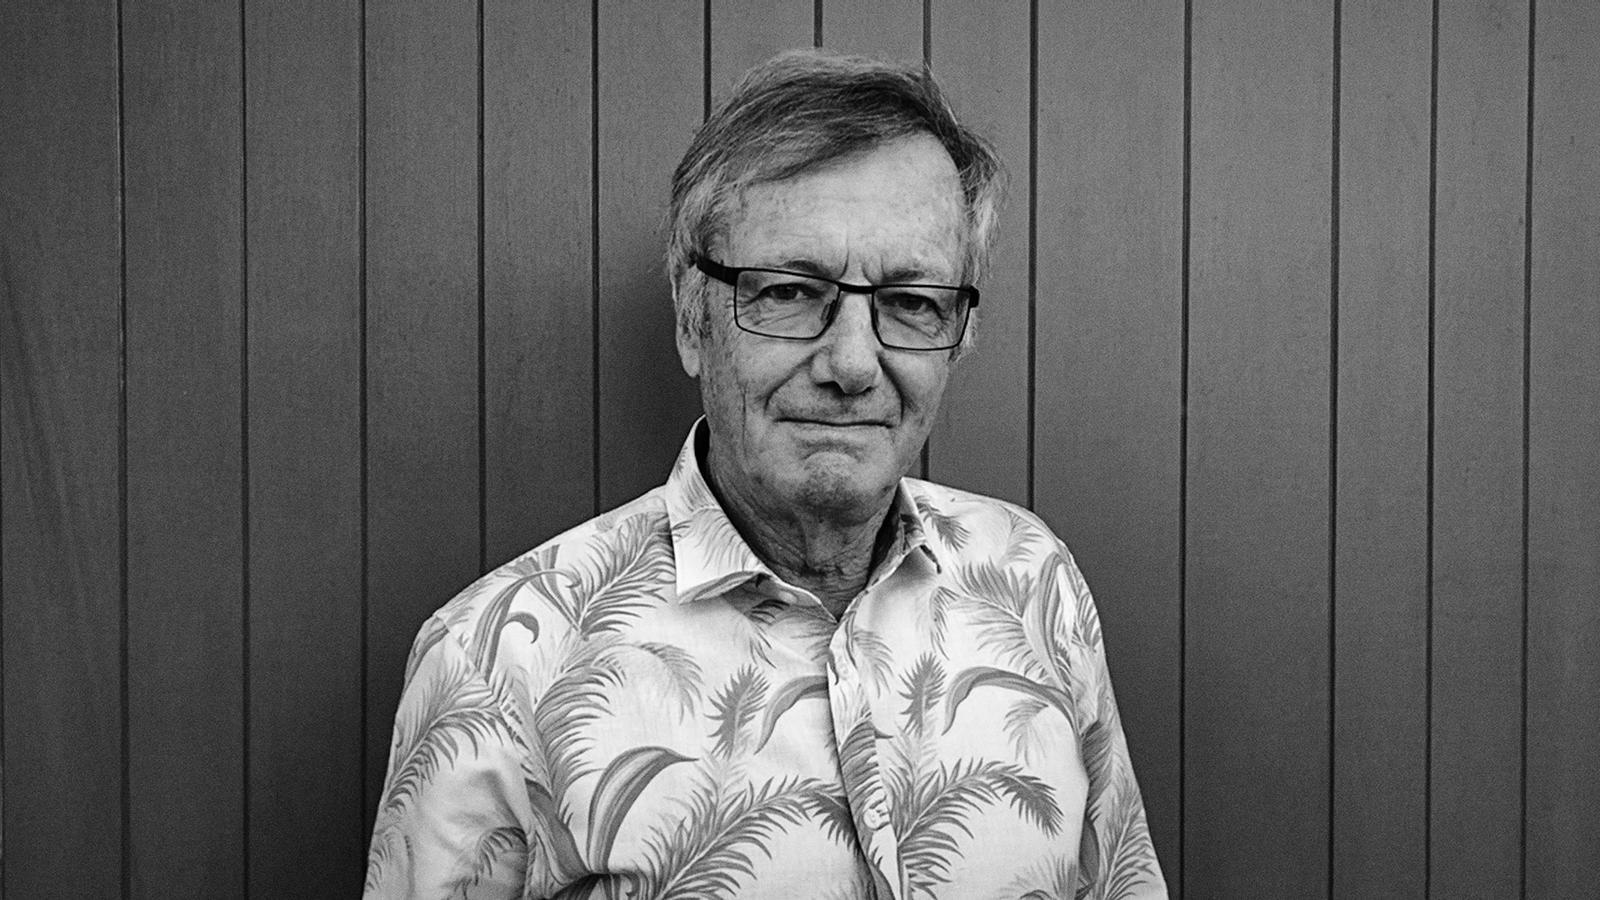 El fundador de Lonely Planet, Tony Wheeler